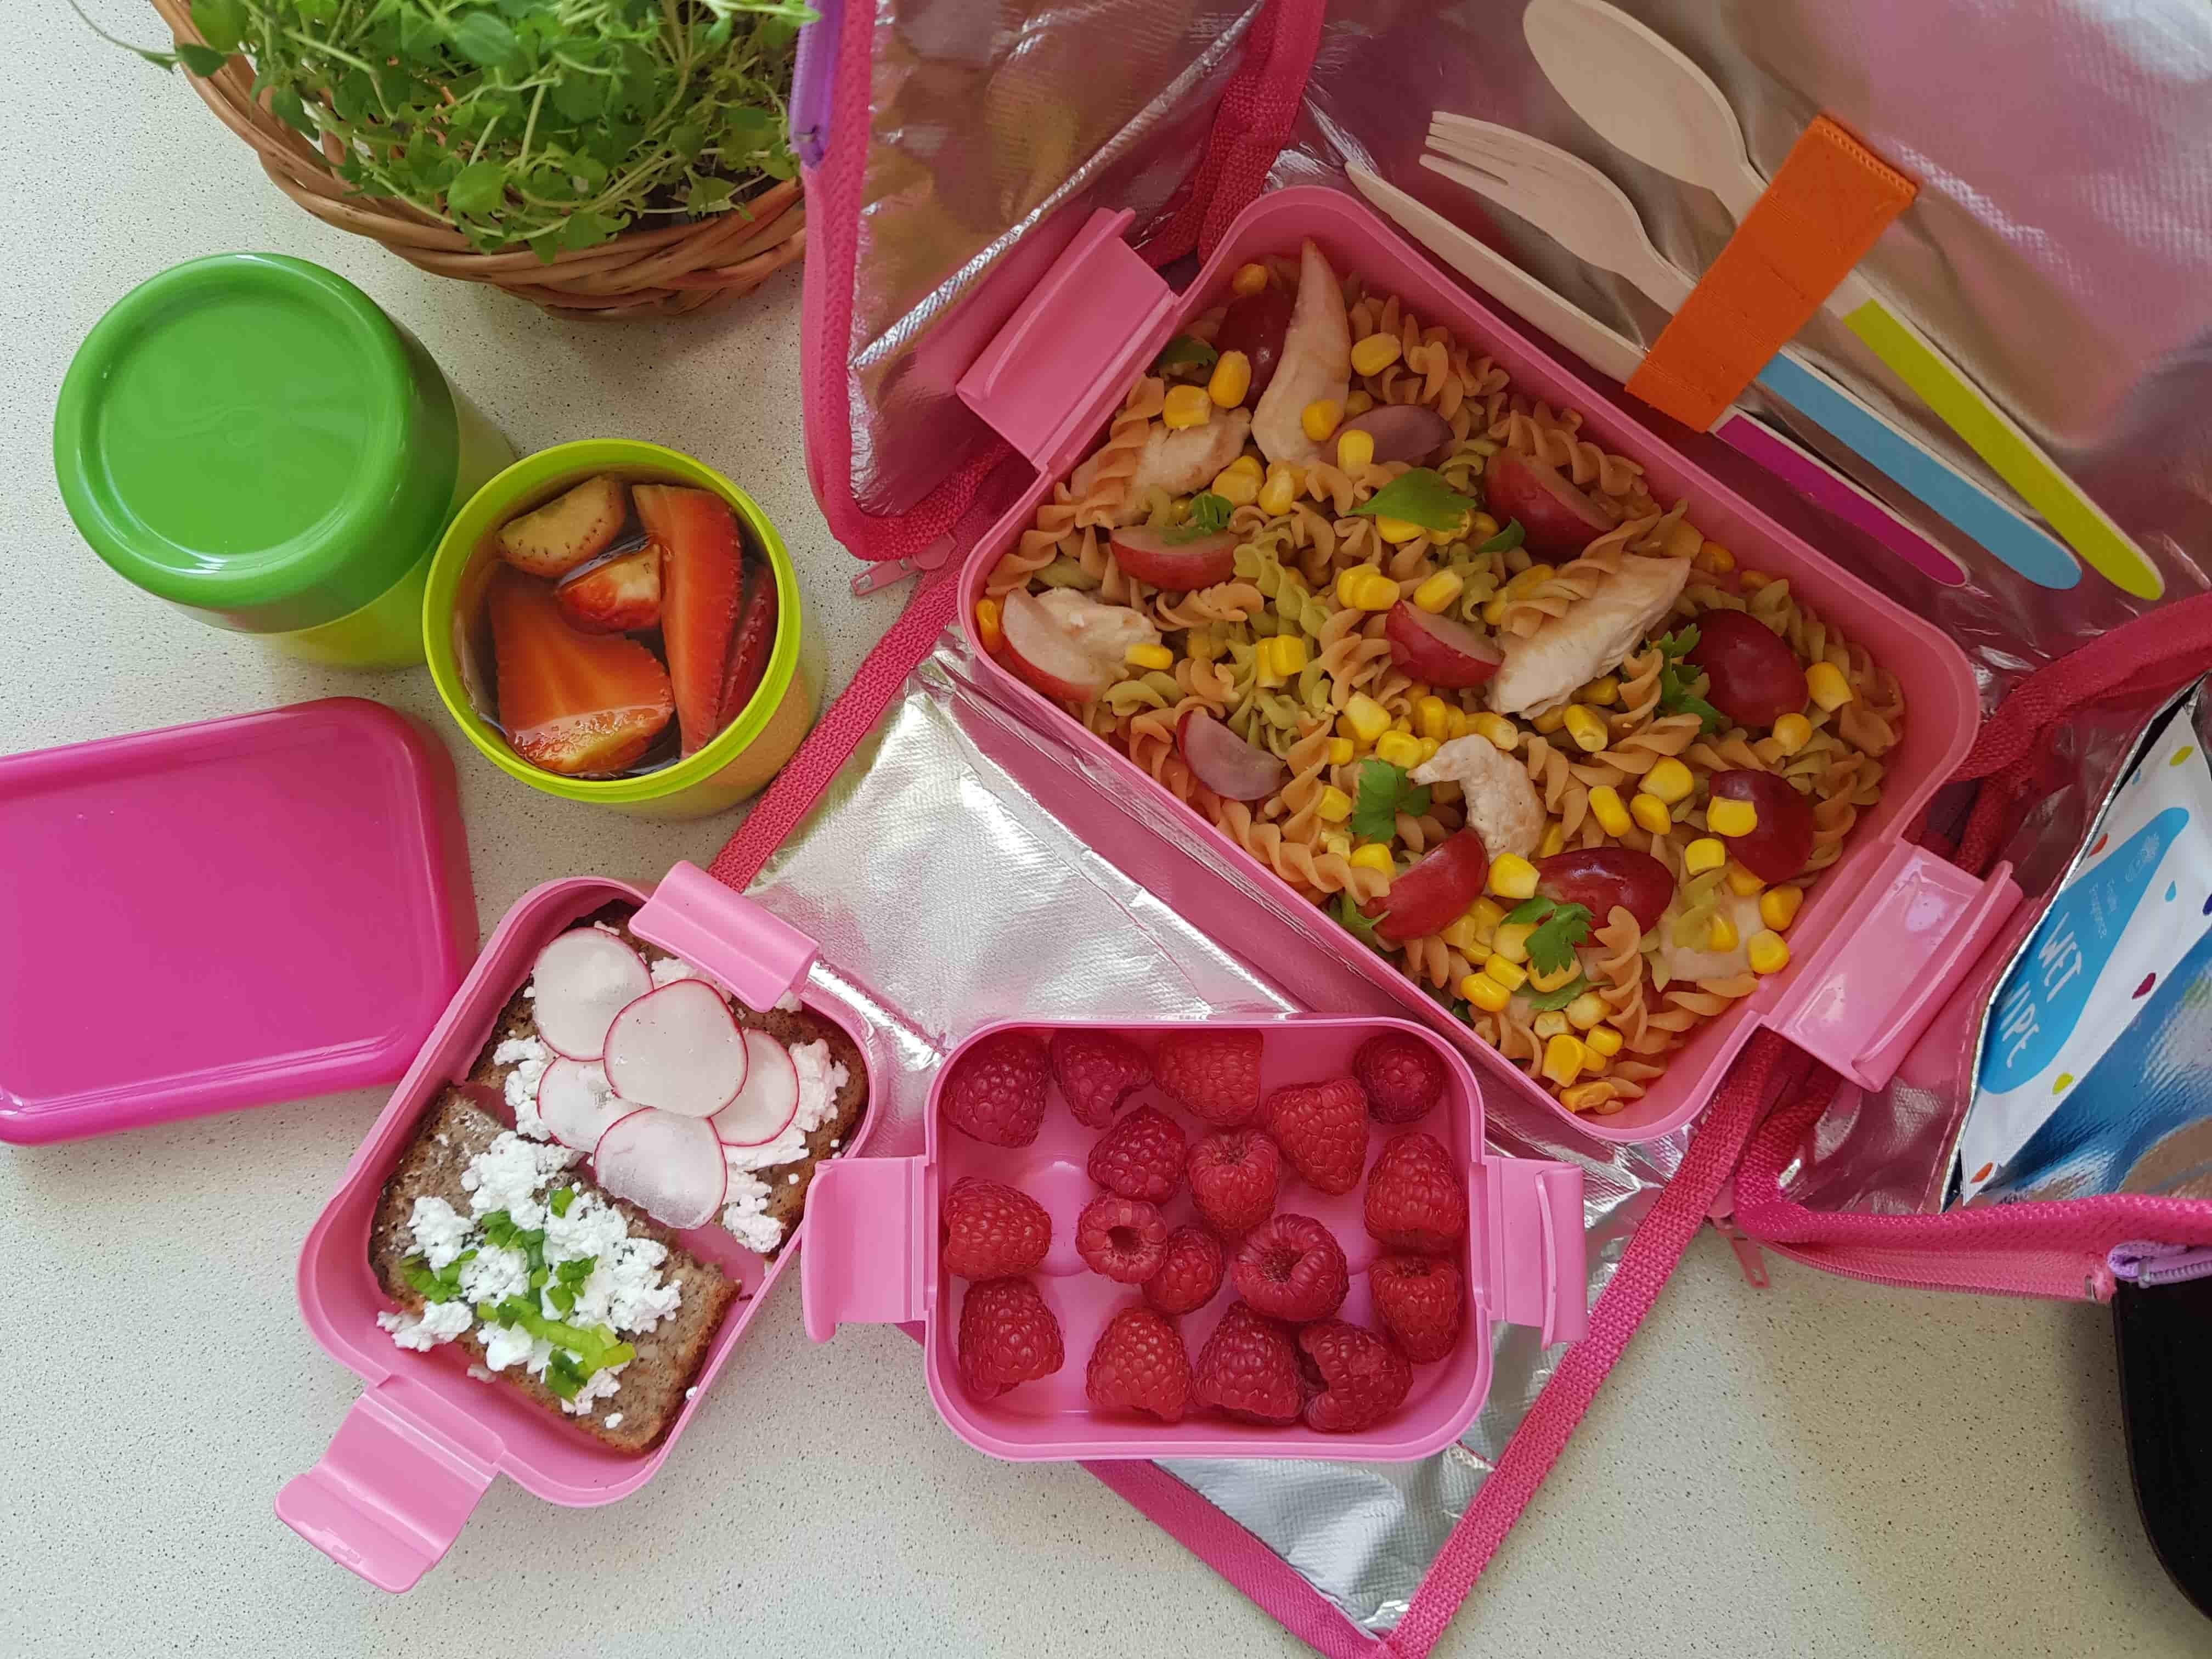 Najlepsza torba termiczna na lunch dla dziecka - czym się kierować